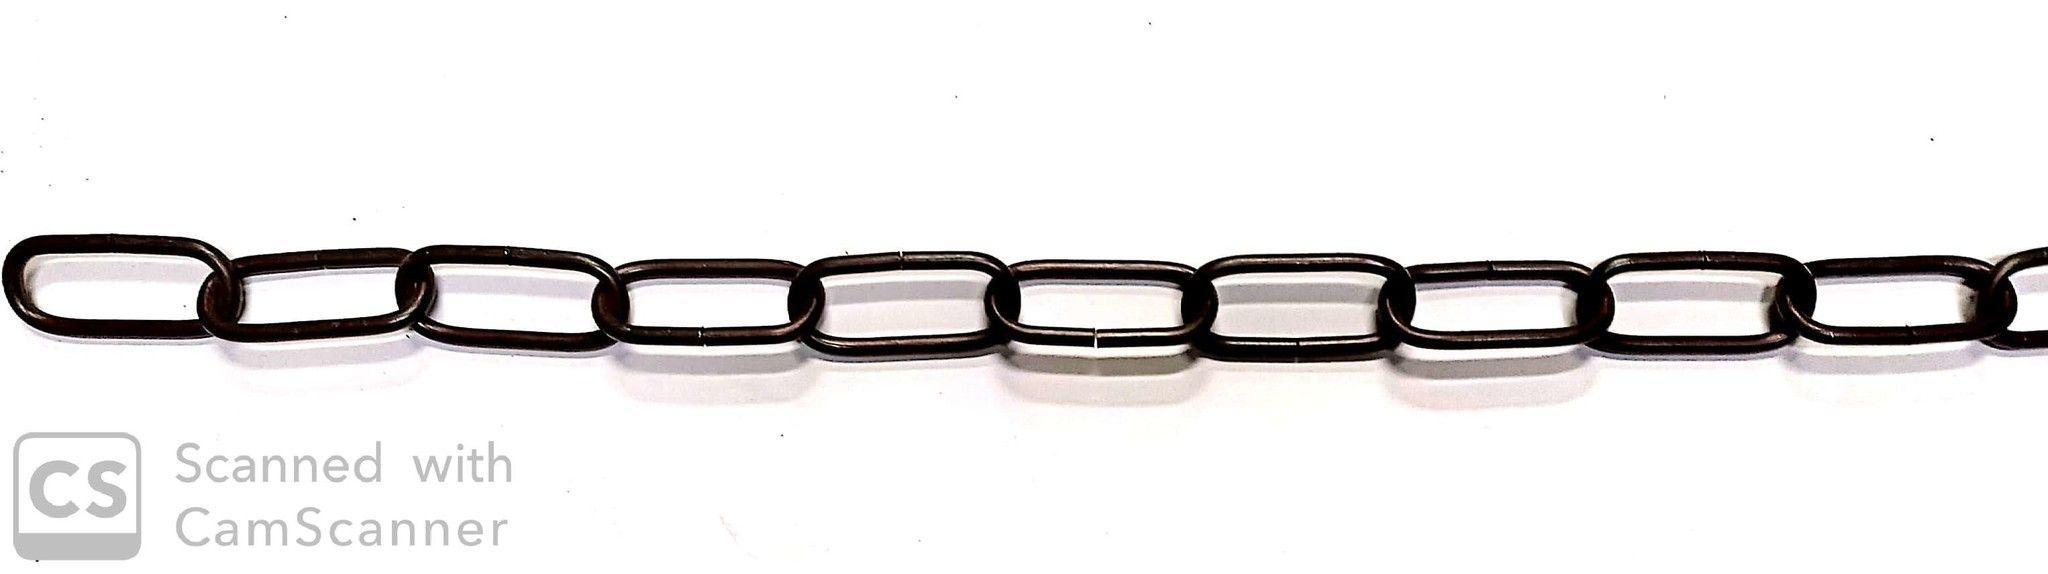 Catena GENOVESE DECORATIVA rame antico anello mm 46x20 spessore 3,8